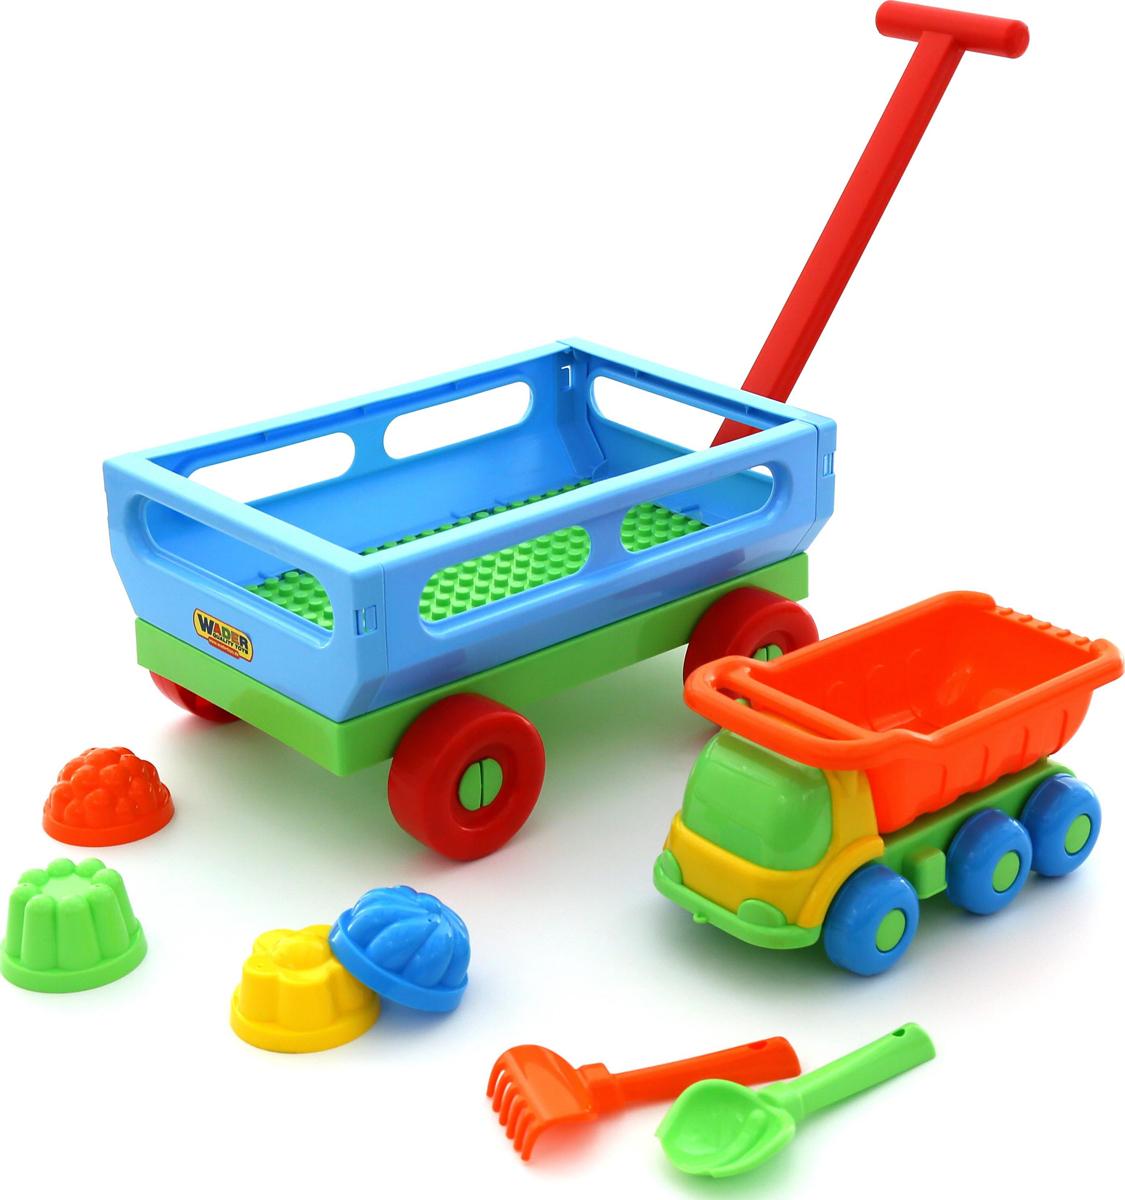 Полесье Набор игрушек для песочницы №496, цвет в ассортименте